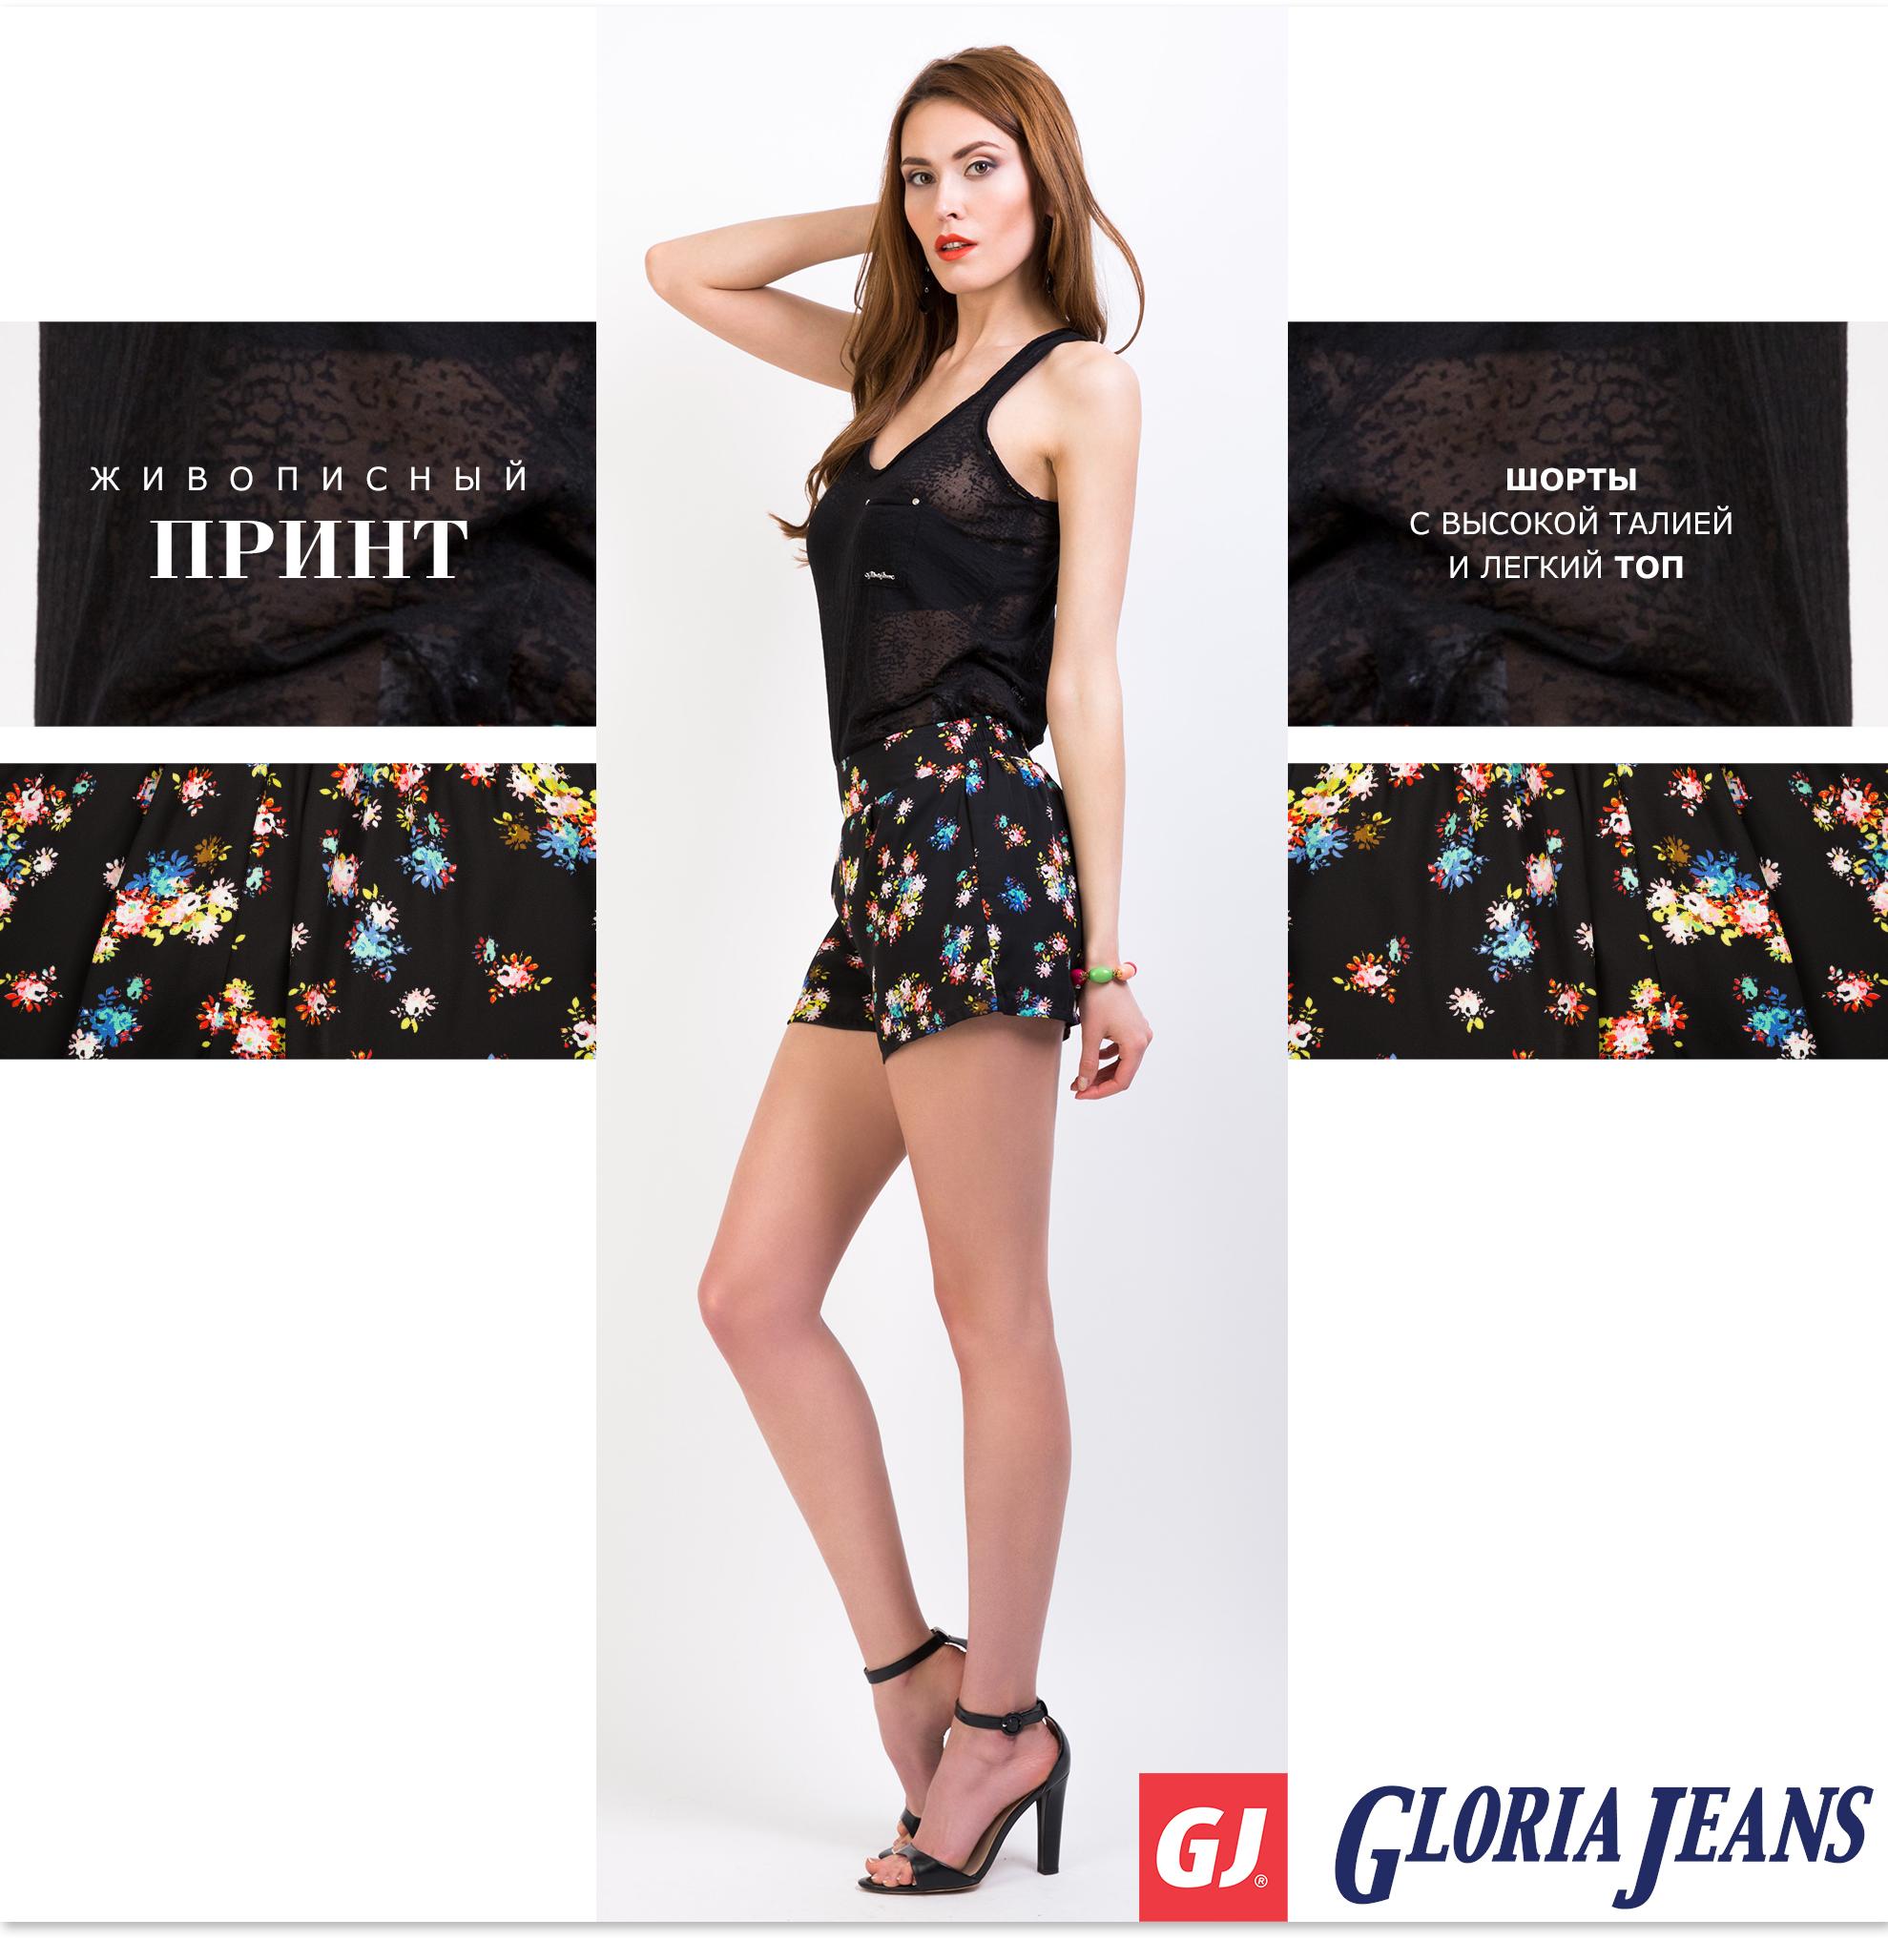 Коллекция глория джинс